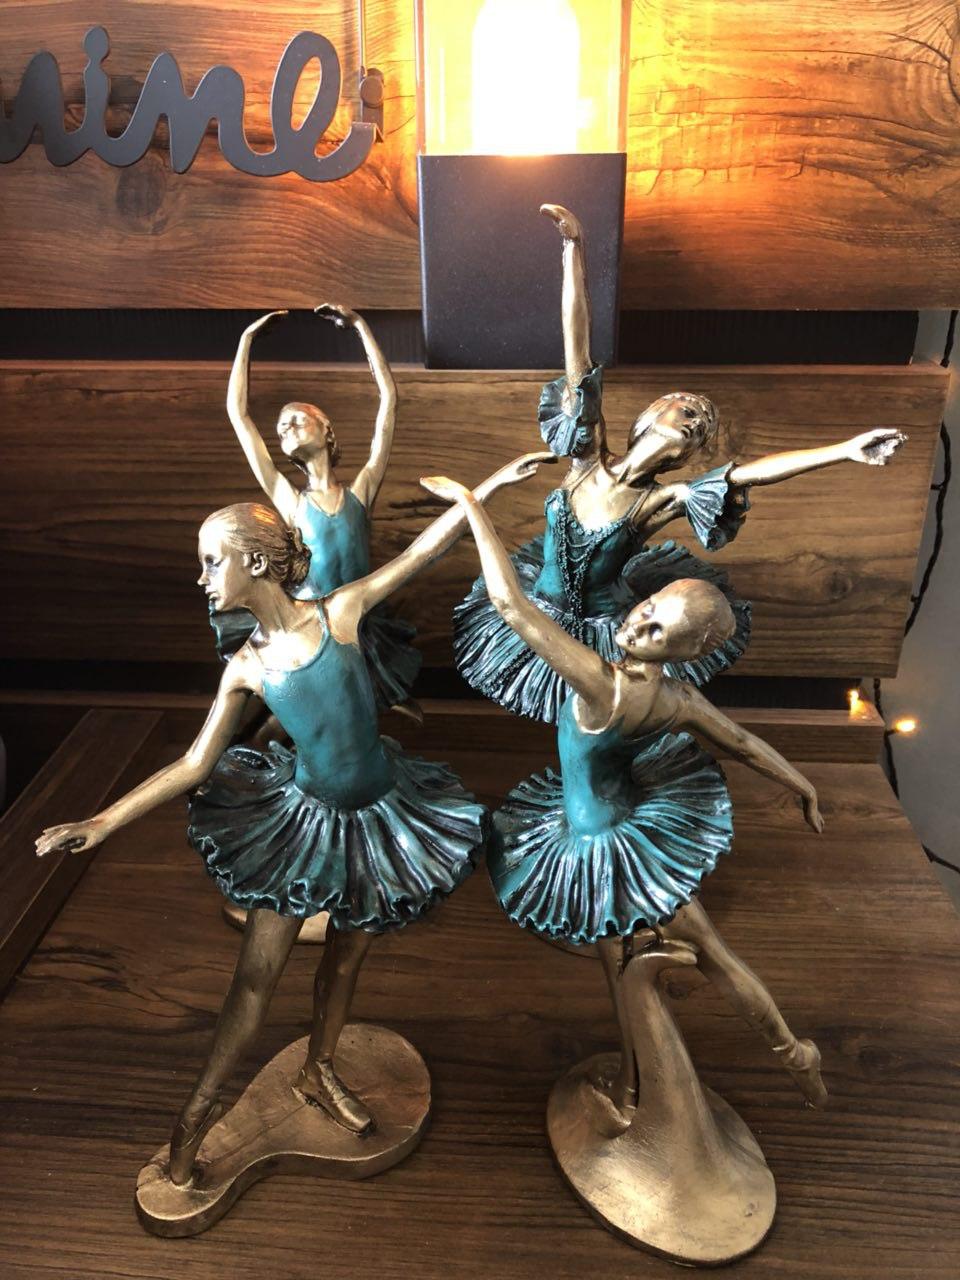 خرید پستی  مجسمه های 4 تایی رقص باله